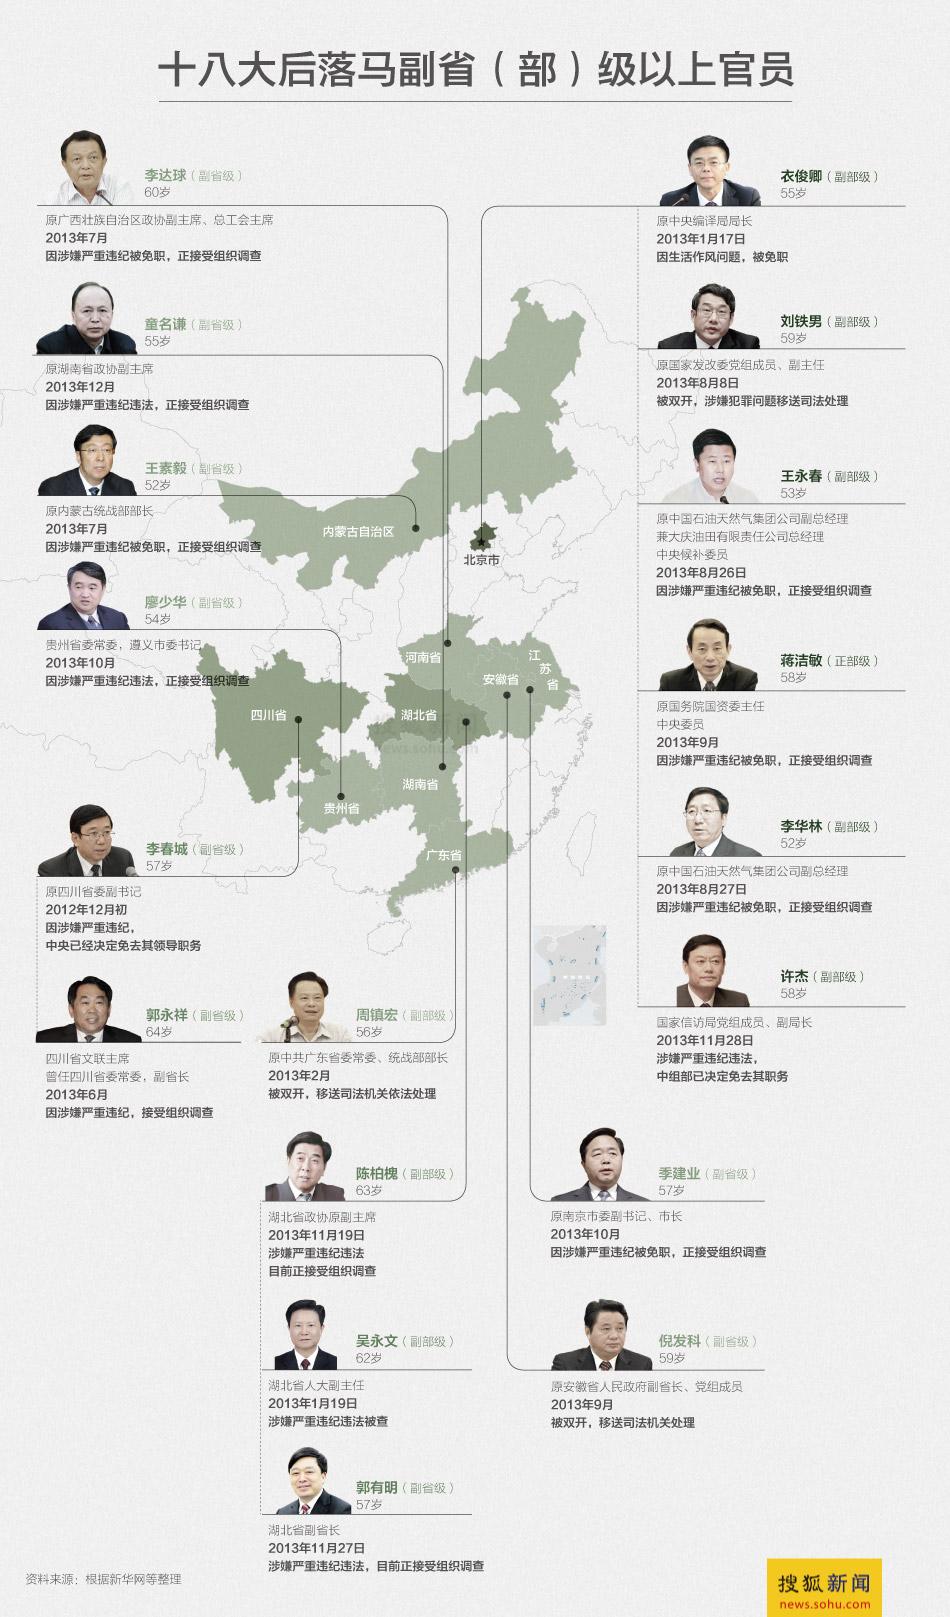 落马官员图表-搜狐新闻